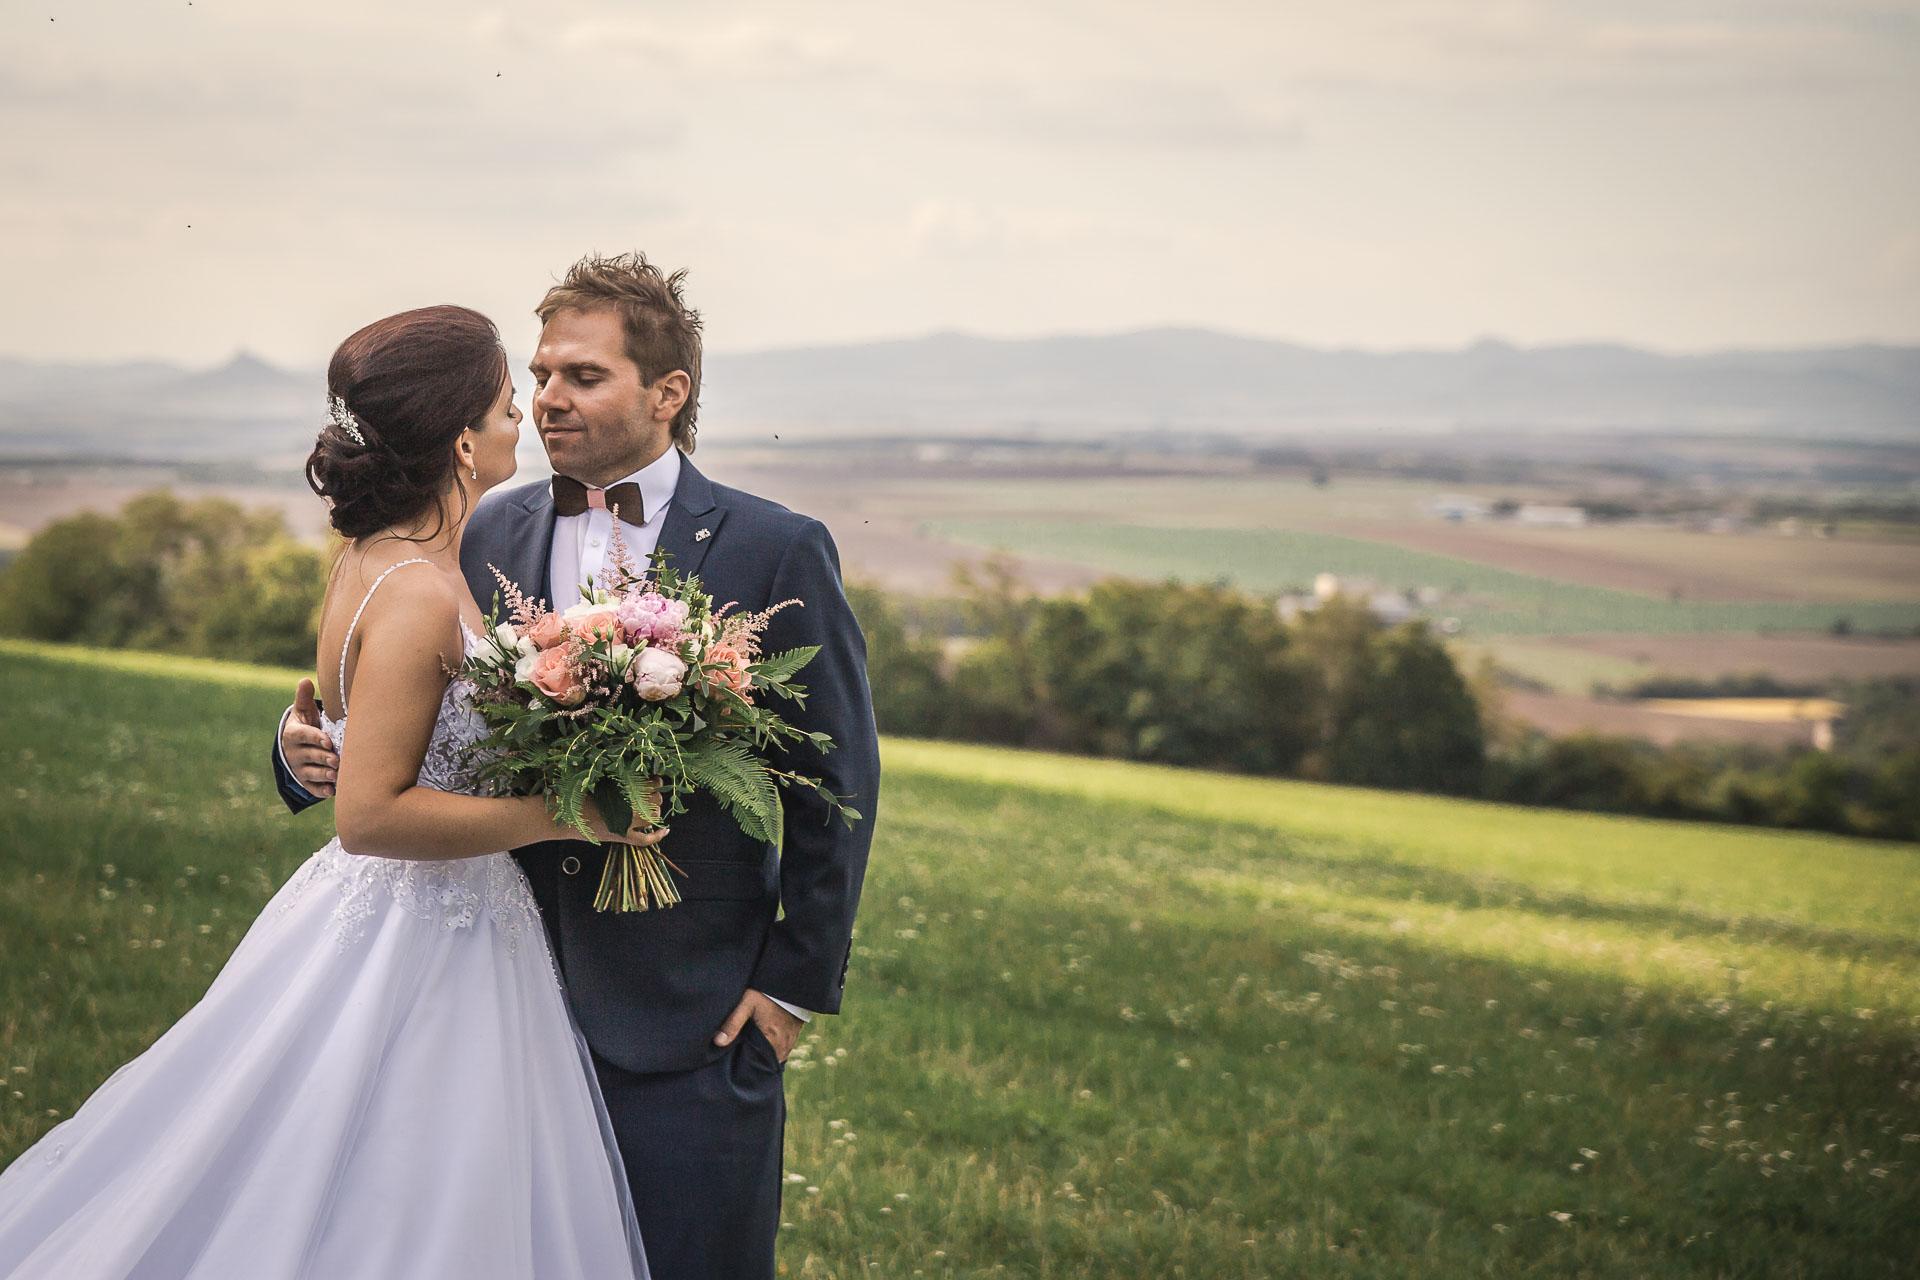 svatební-fotografie-Říp-svatební-video-ŘÍP-svatební-fotograf-ŘÍP-svatba-Mělník-svatba-Neratovice-fotograf-na-savtbu-kameraman-na-svatbu-317